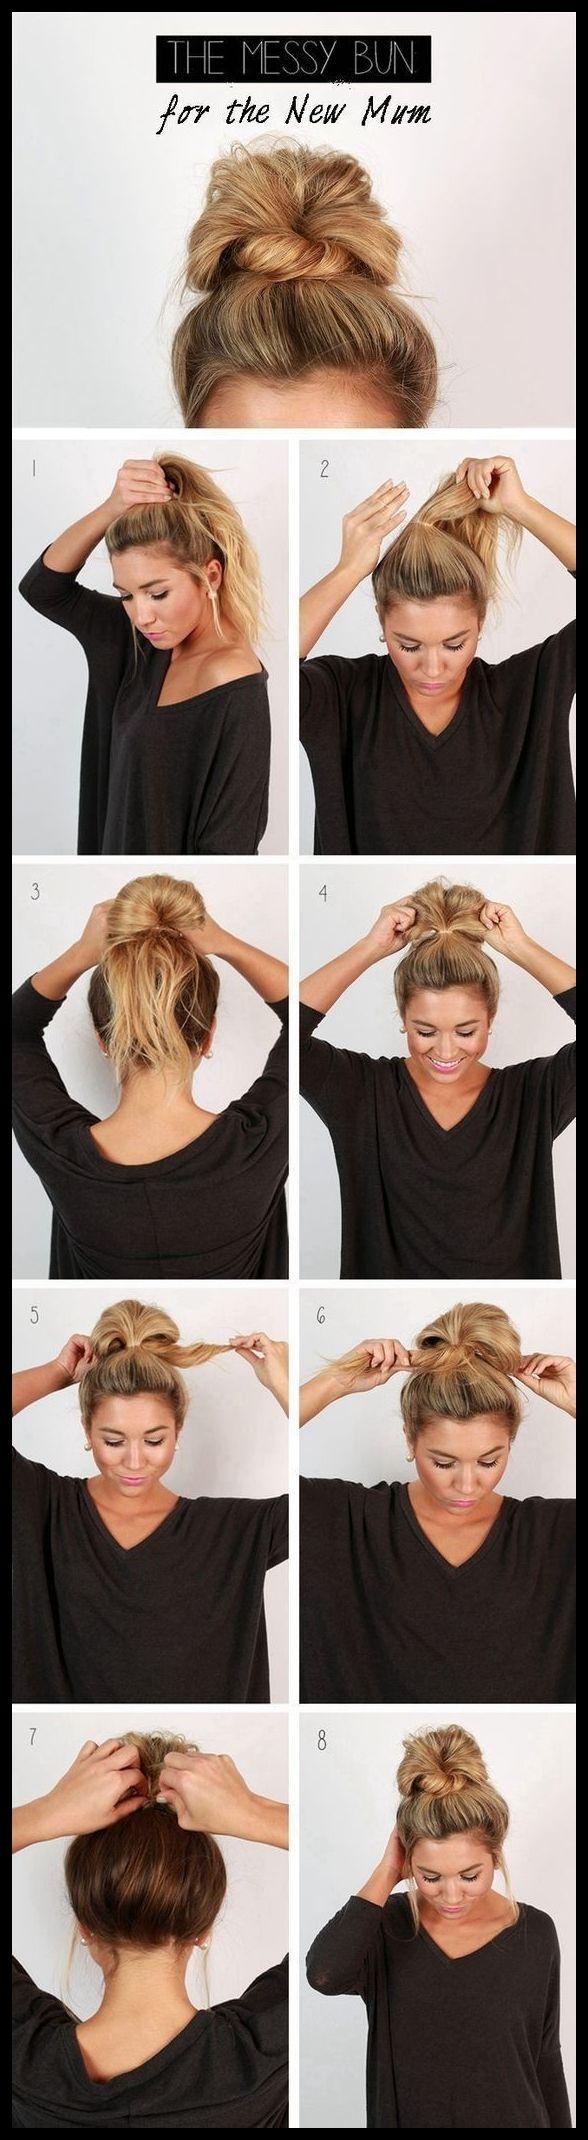 Einzigartige Geflochtene Hochsteckfrisur Fur Mittlere Lange Haare Frisuren Frauen Frisuren Fr Frisuren Frisur Hochgesteckt Lassige Hochsteckfrisuren